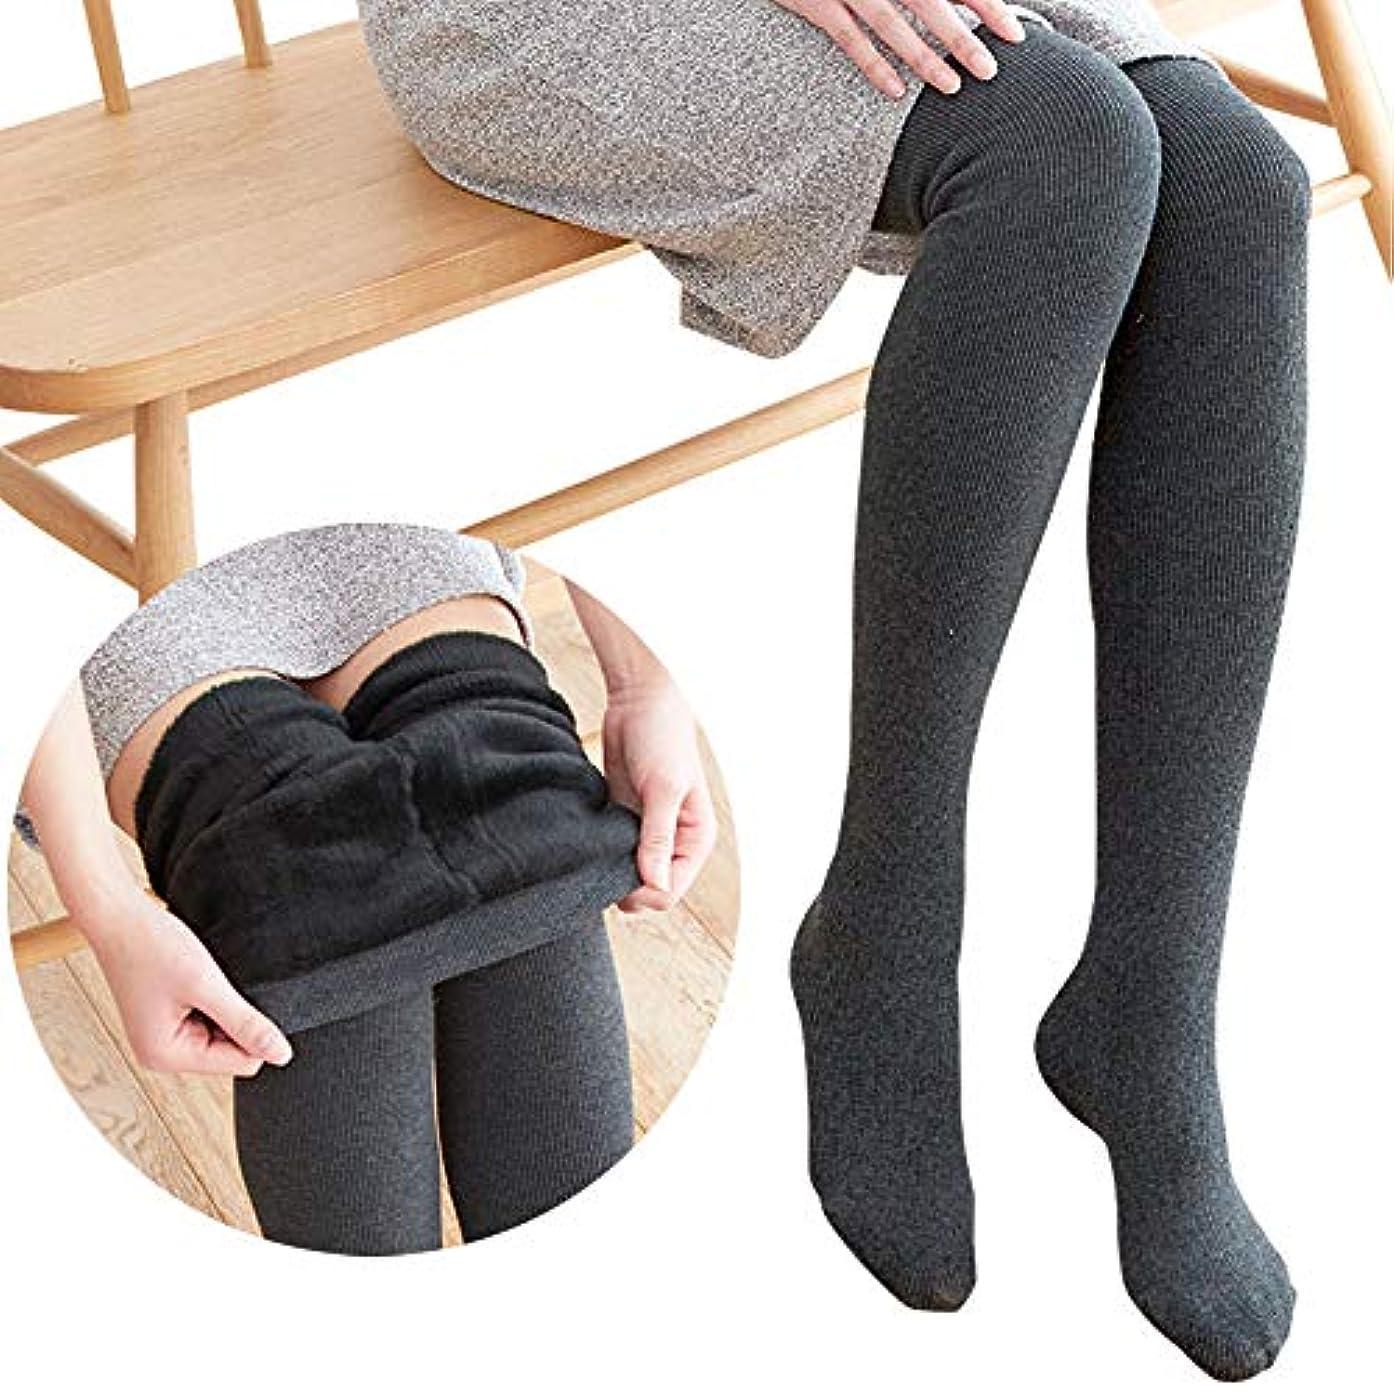 テープ疾患想像力肌側起毛であたたか リブ編み タイツ 9527 (杢ブラック, L-LL)